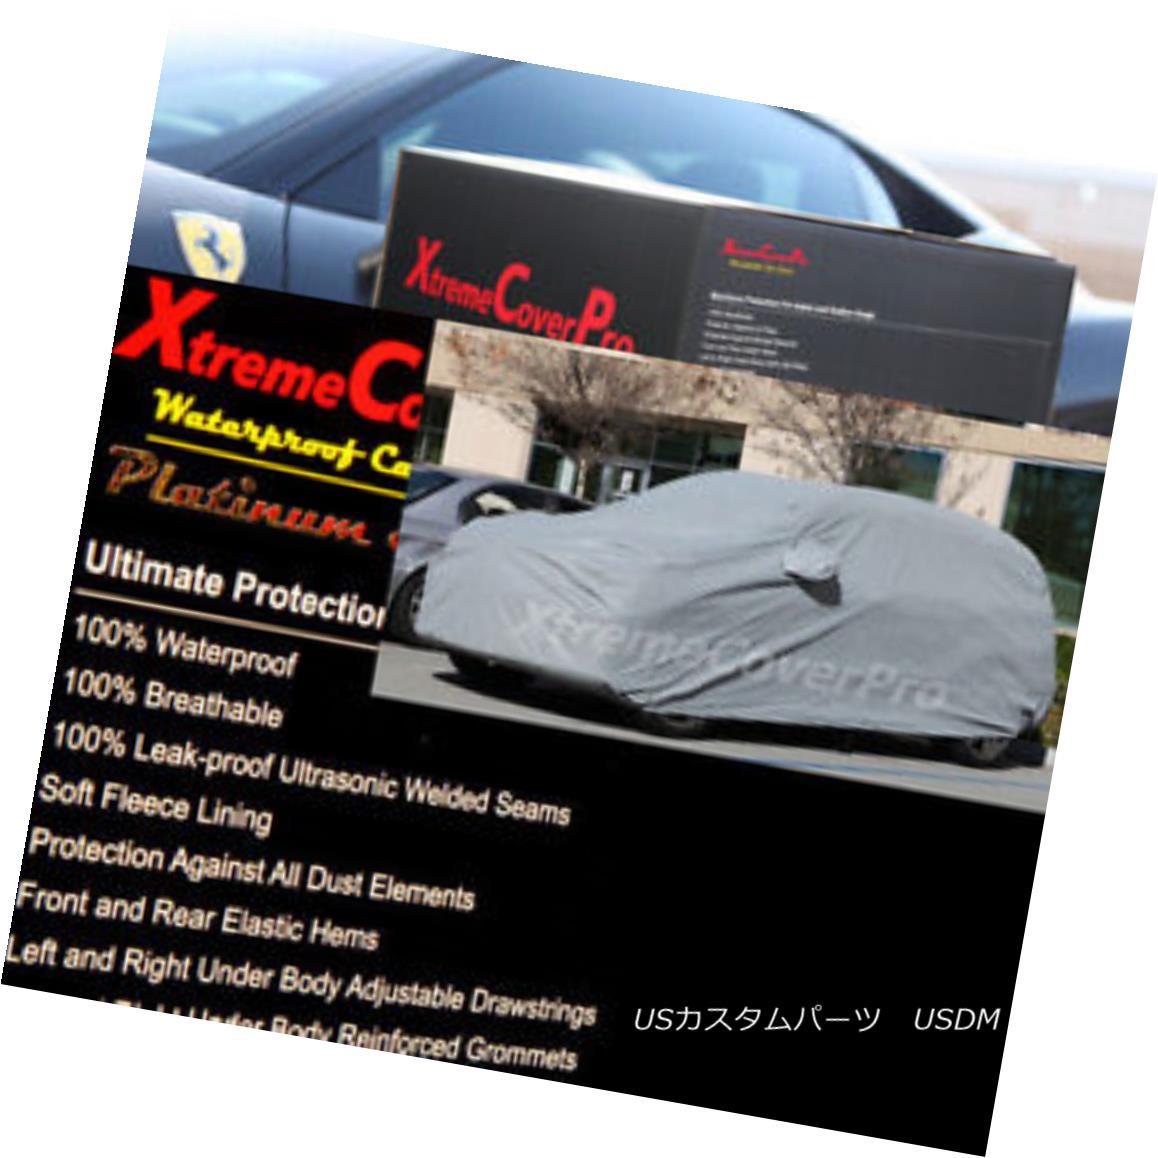 カーカバー WATERPROOF CAR COVER W/MIRROR POCKET GRAY for 2014 2013 HYUNDAI SANTA FE SPORT 2014年の防水カーカバーW / MIRROR POCKET GRAY 2013 HYUNDAI SANTA FE SPORT